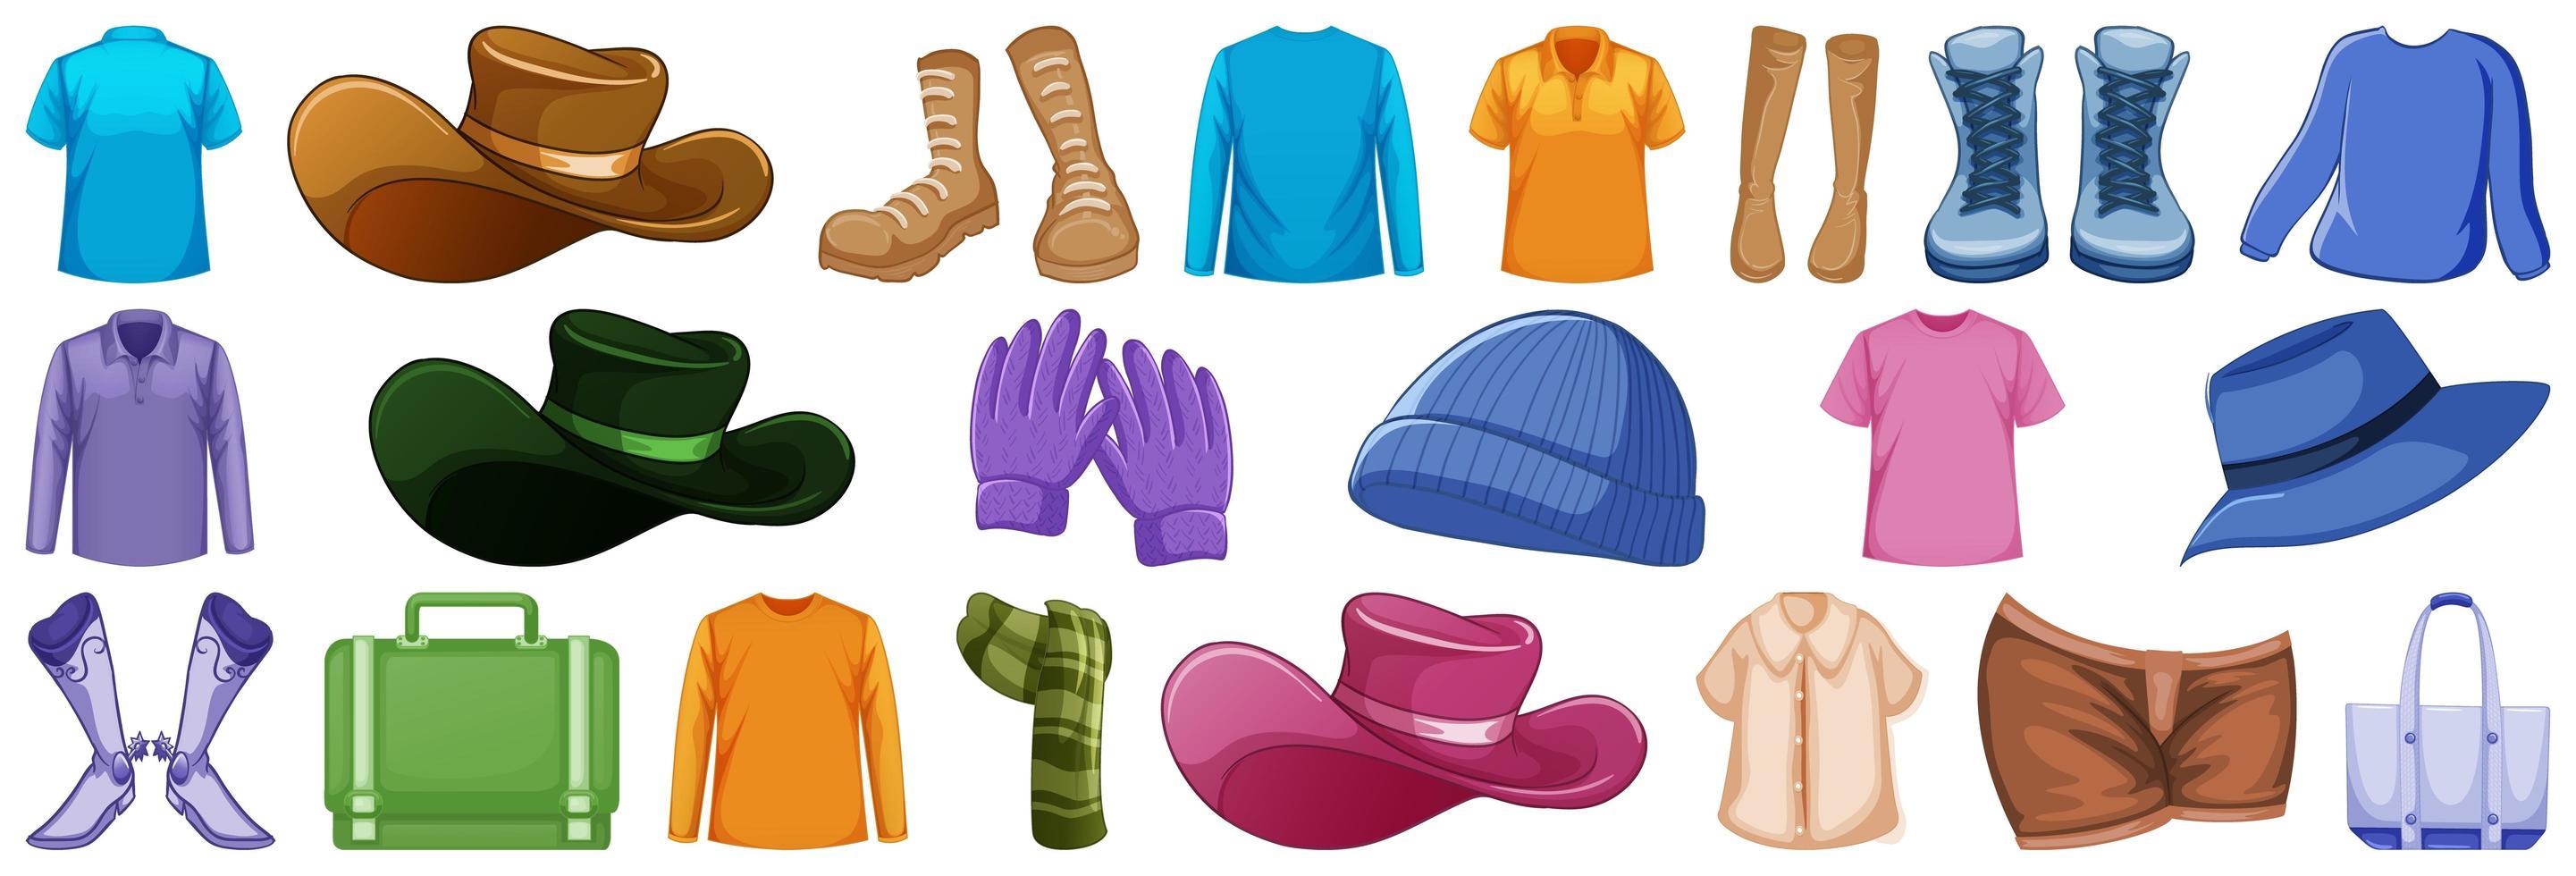 ensemble d'accessoires de mode et de vêtements vecteur